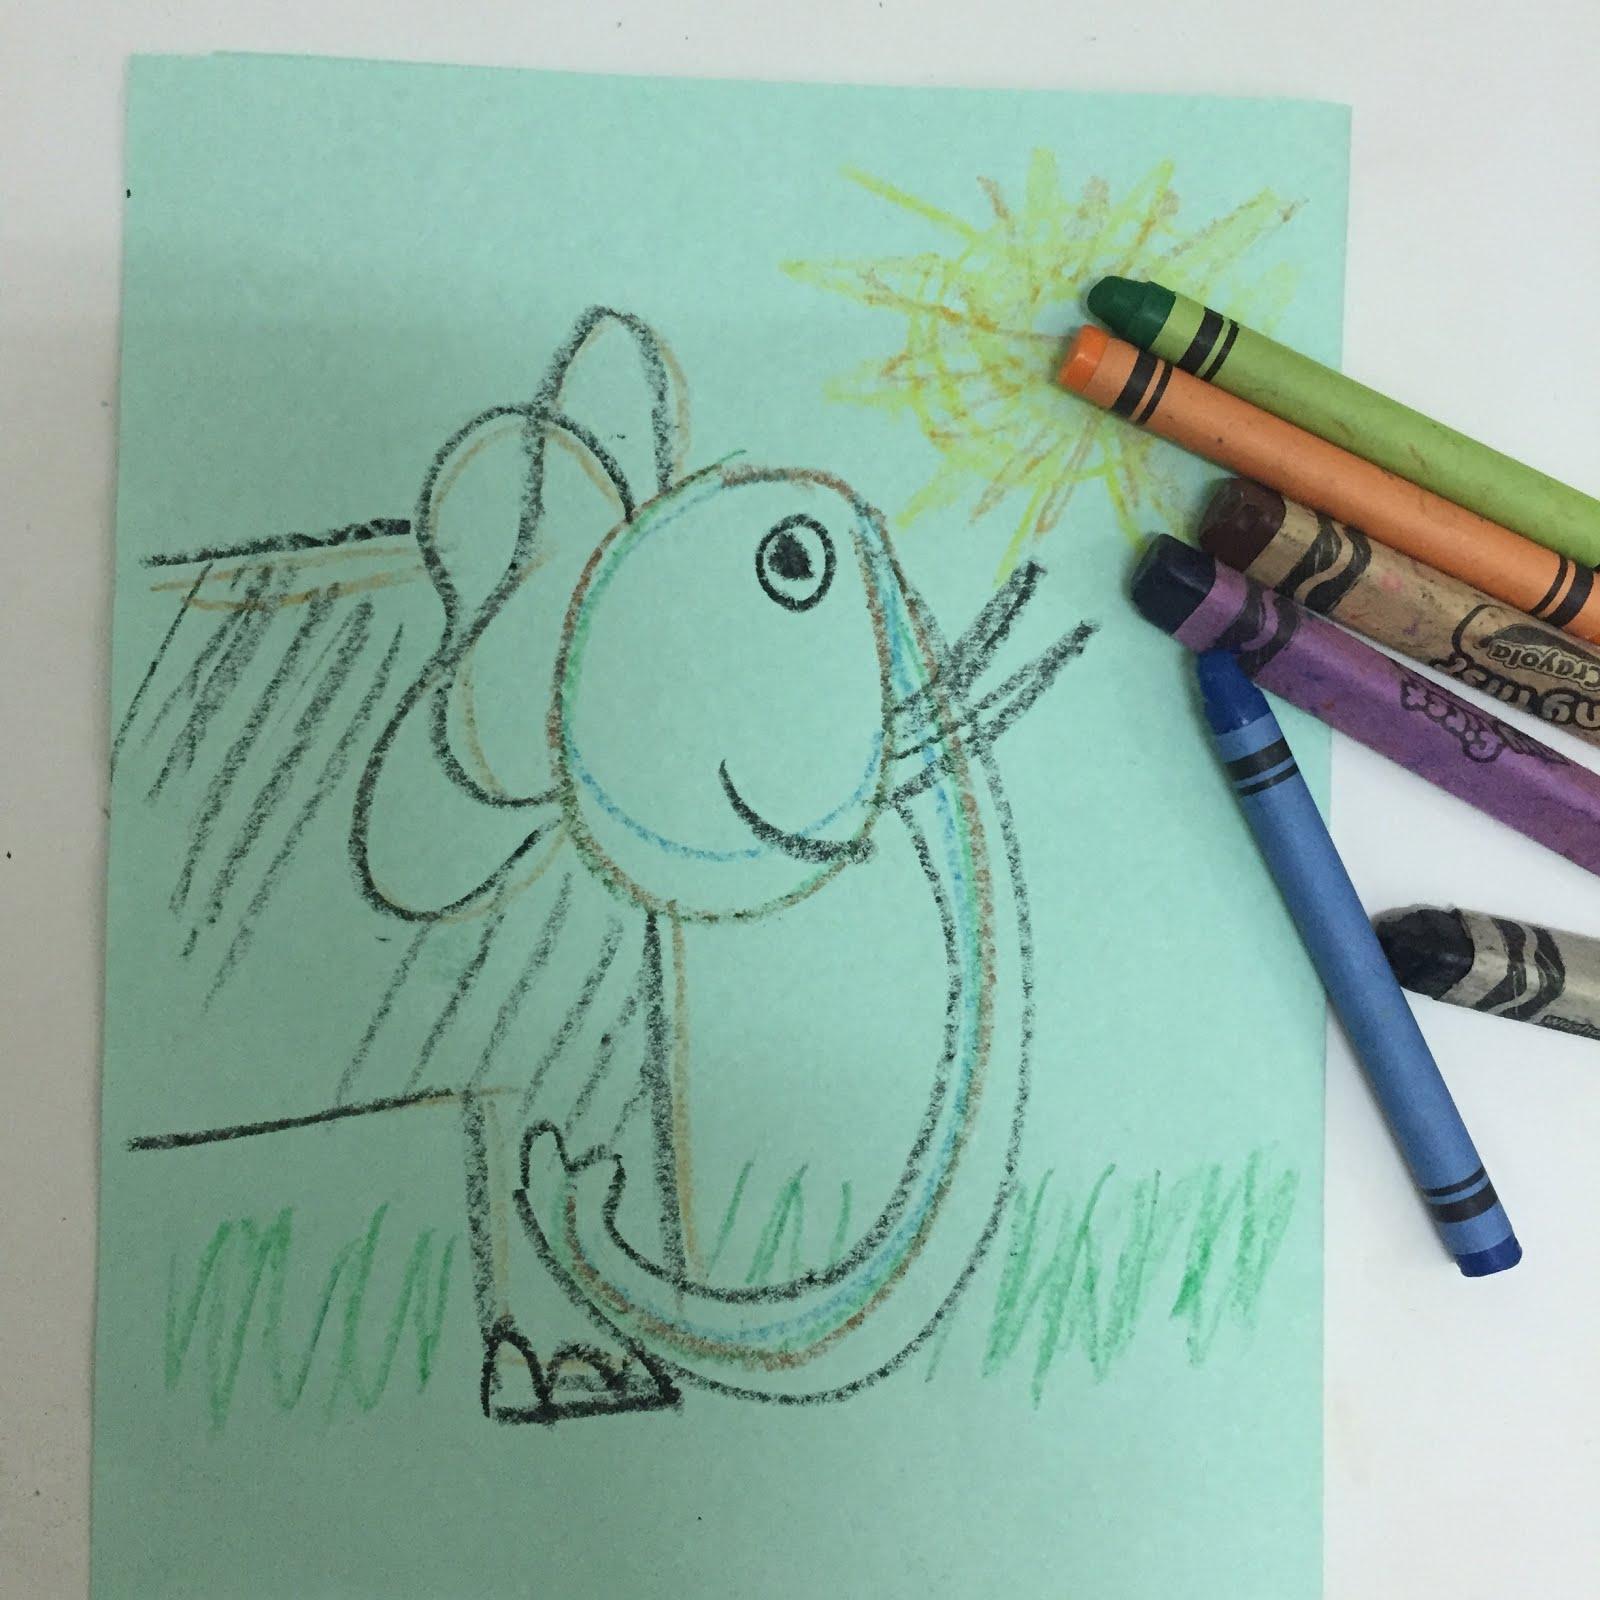 איזה אות מסתתרת מאחורי הפיל?